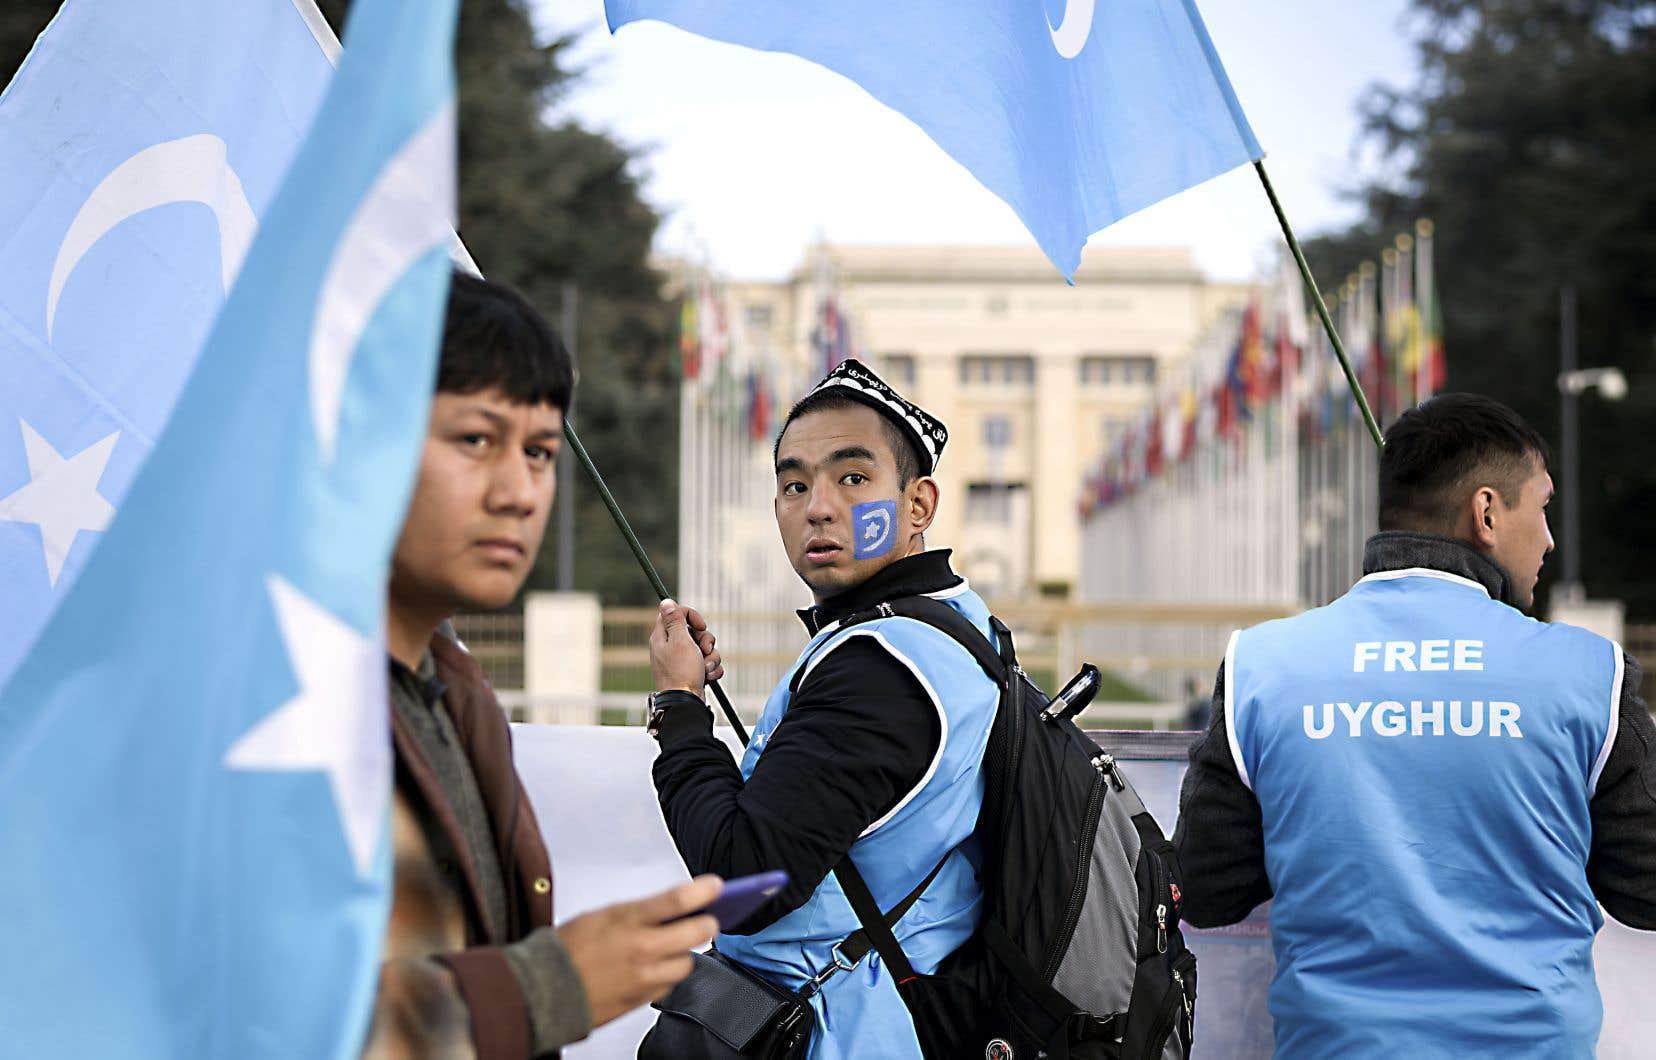 Des Ouïghours ont manifesté contre la Chine, mardi, devant le siège de l'ONU à Genève. Selon des estimations citées en août par un groupe d'experts de l'ONU, près d'un million d'Ouïghours et d'autres membres d'ethnies chinoises de langue turque sont ou auraient été détenus dans des camps de rééducation dans la région autonome du Xinjiang.